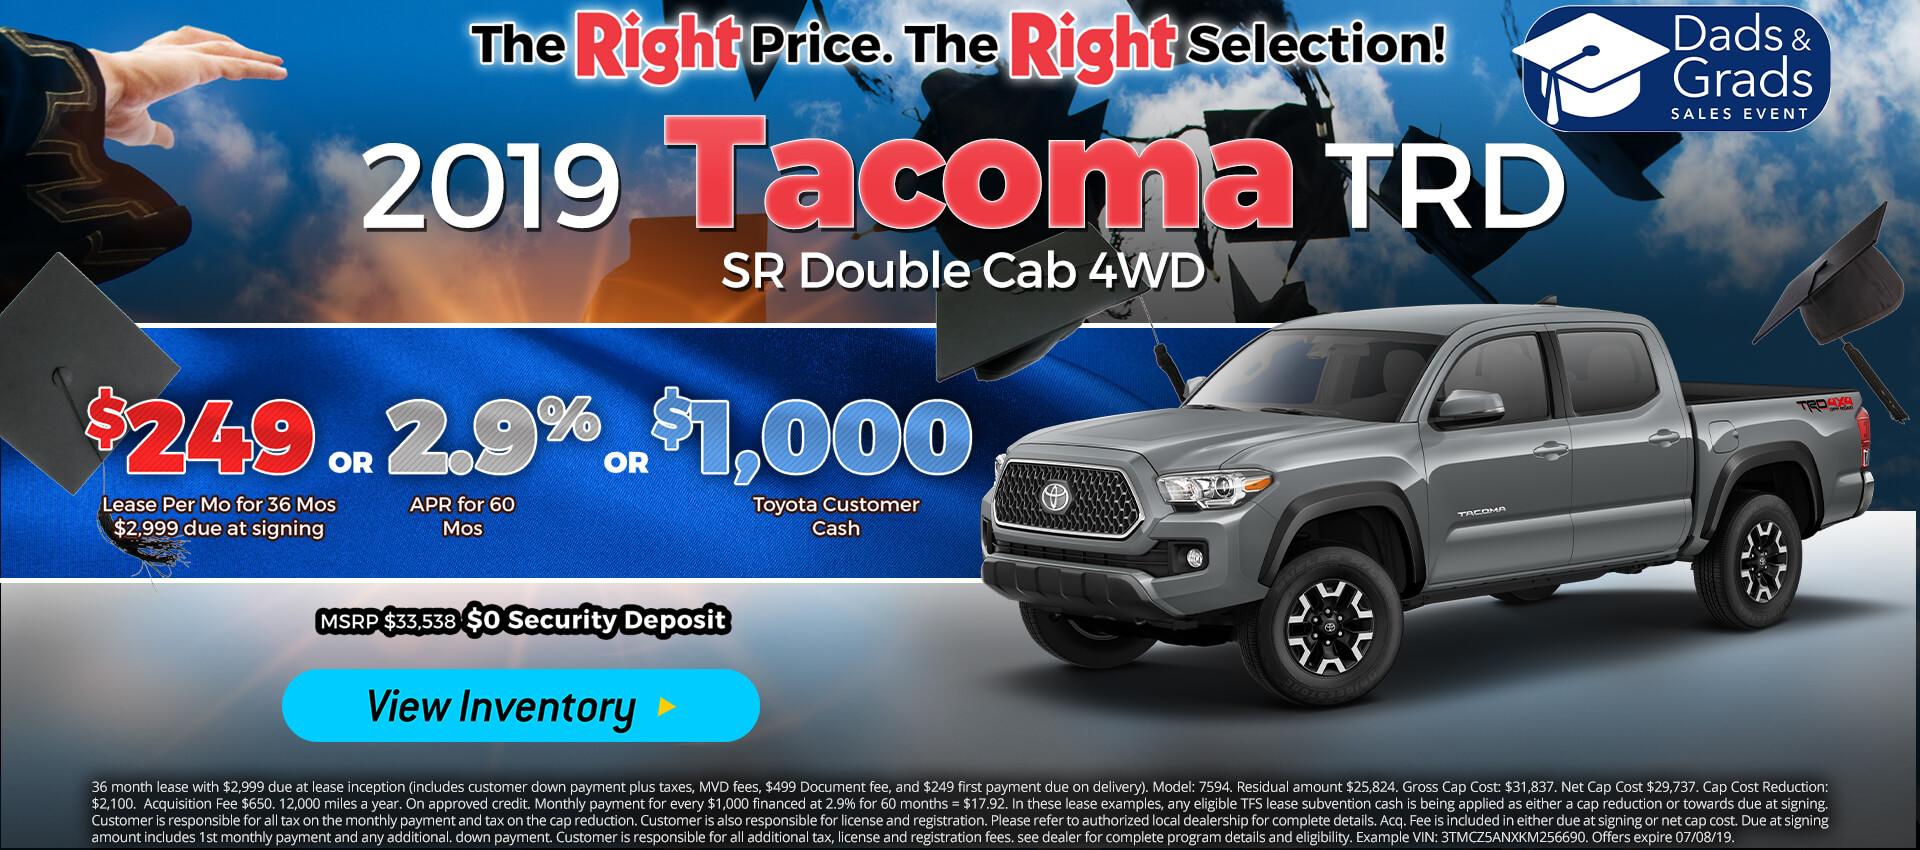 Tacoma - Lease for $249